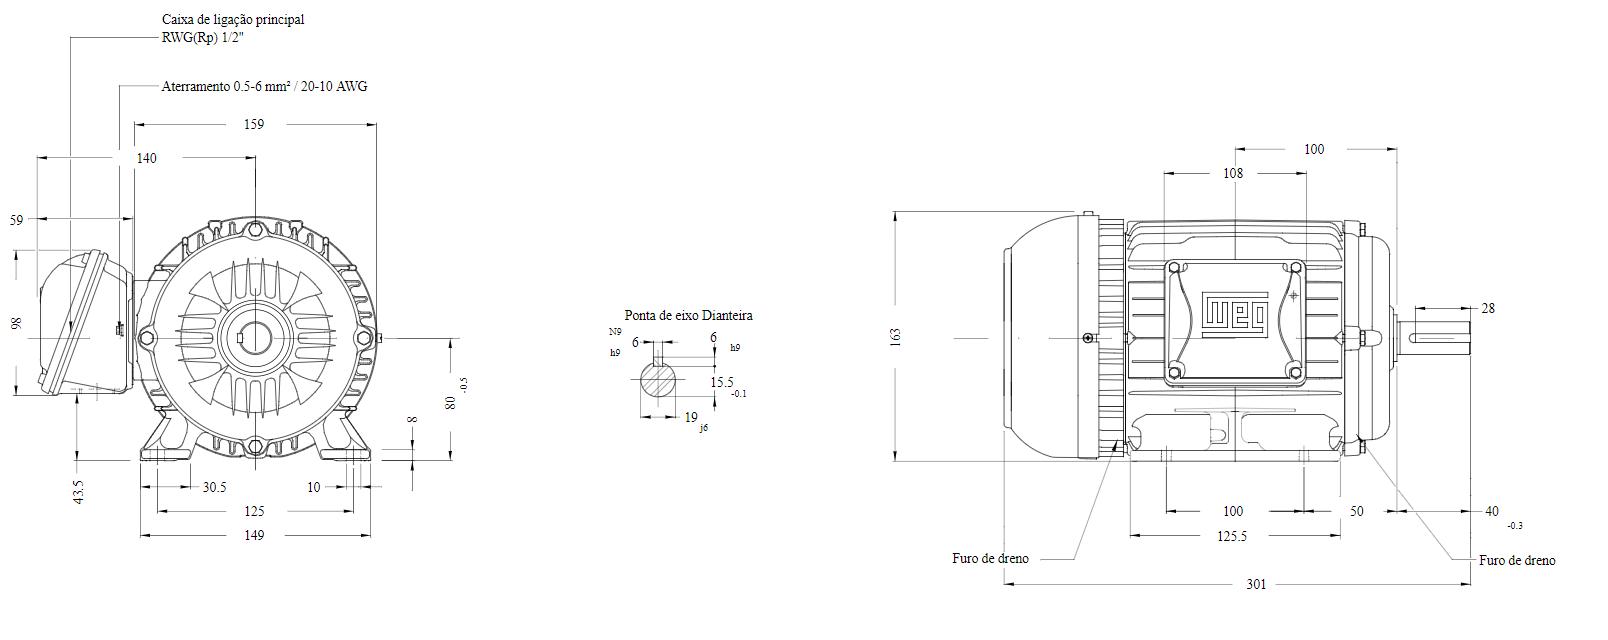 Motor elétrico Weg W22 IR3 Premium 1.5 cv 4P 80 3F 220/380 V 60 Hz IC411 - TFVE - B3D